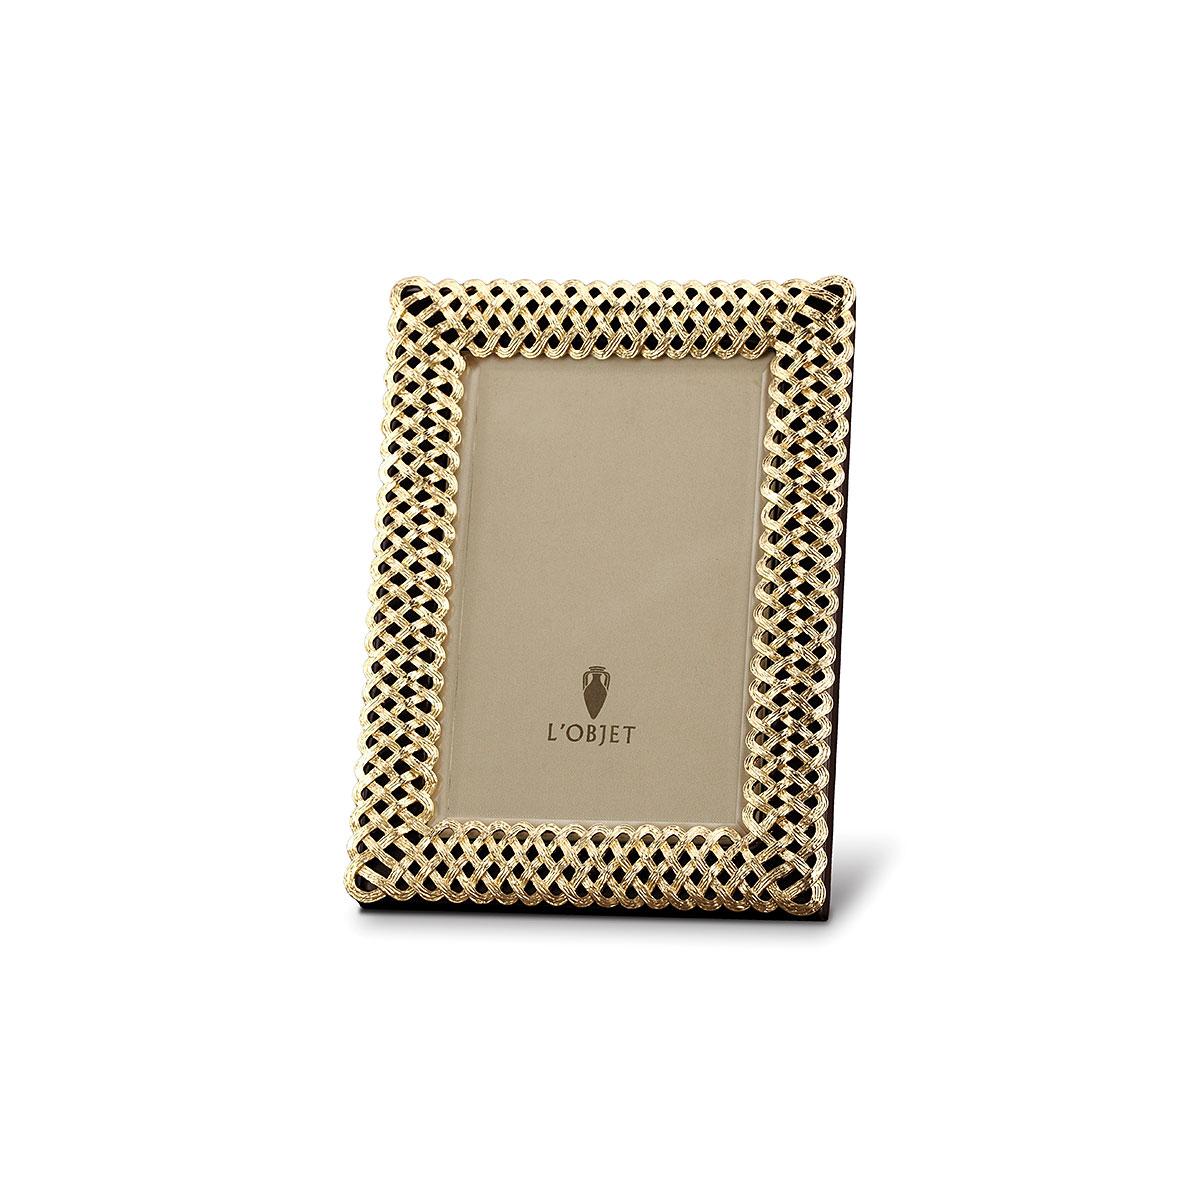 L'Objet I Braid Frame Small Gold